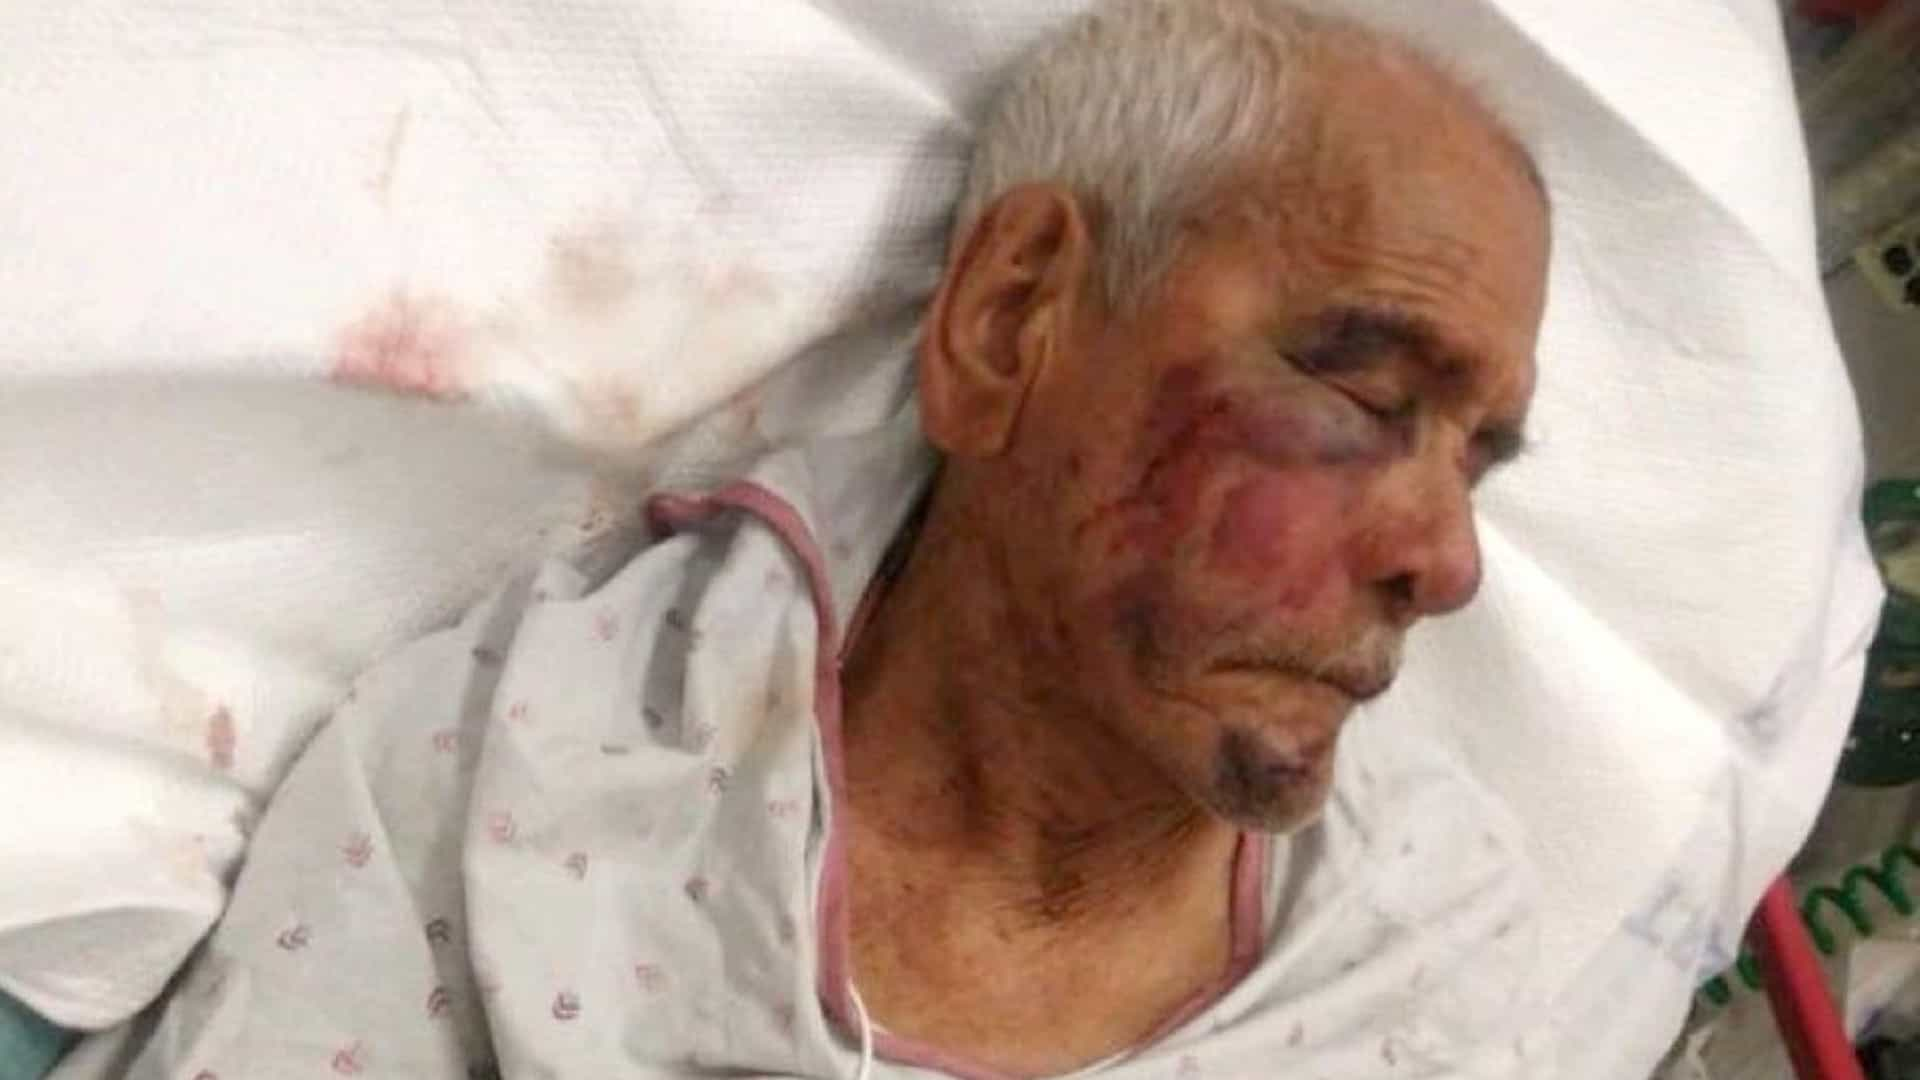 Mulher detida após atacar mexicano de 91 anos com tijolo na rua